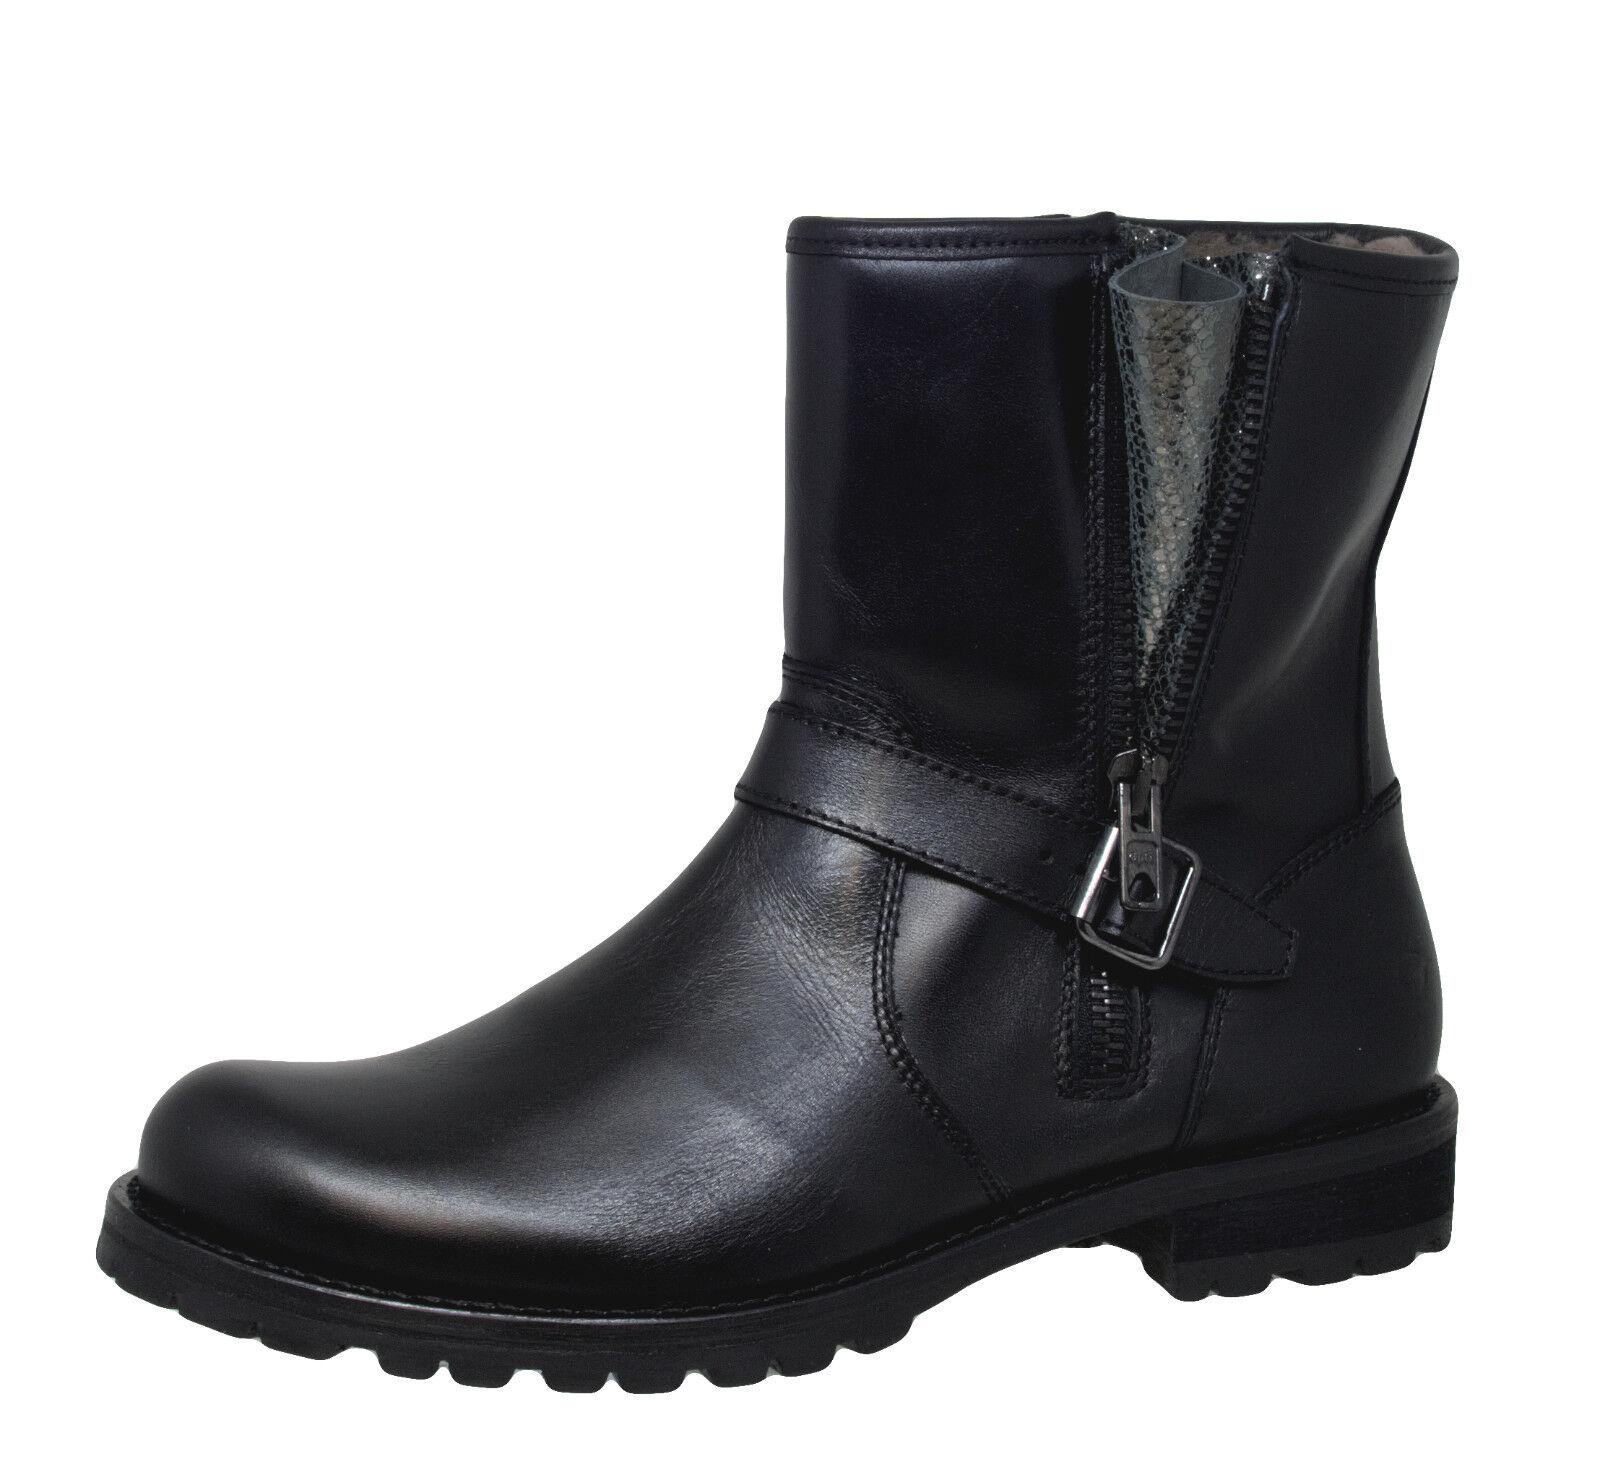 Gallucci 5374 Mädchen Damen Stiefeletten Stiefel Leder Lammfel schwarz 36 - 41 Neu    | Produktqualität